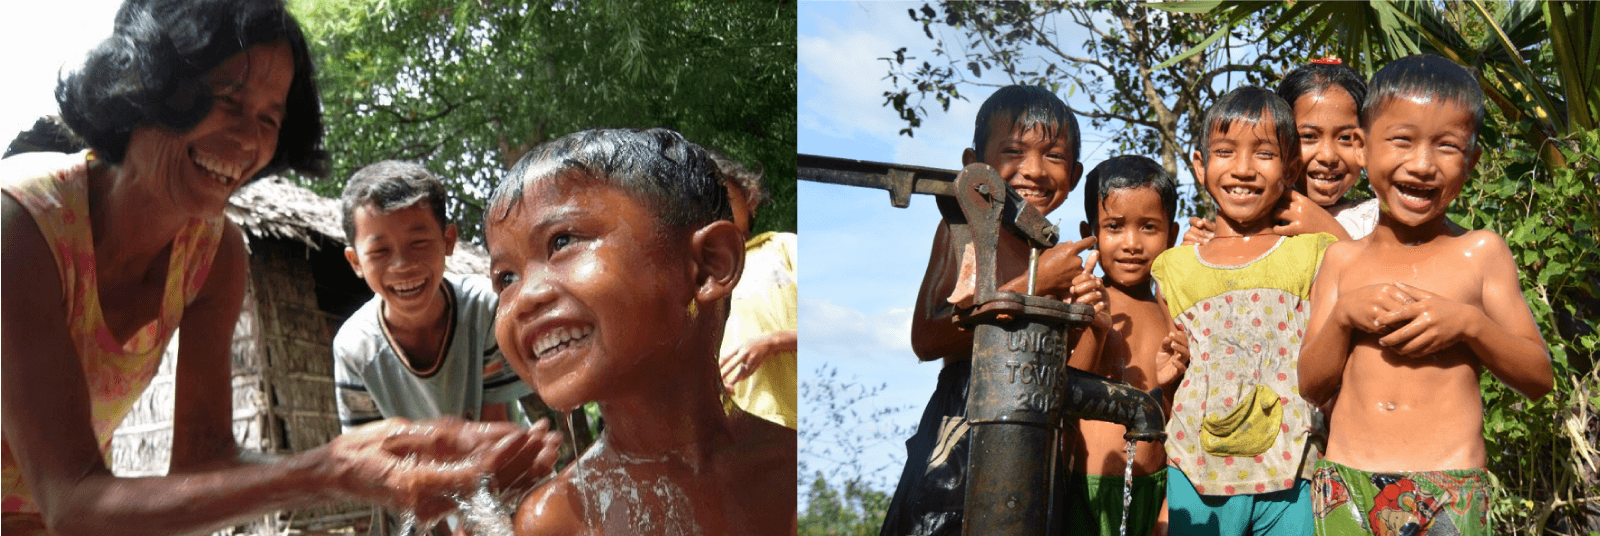 カンボジアの子どもたちの笑顔